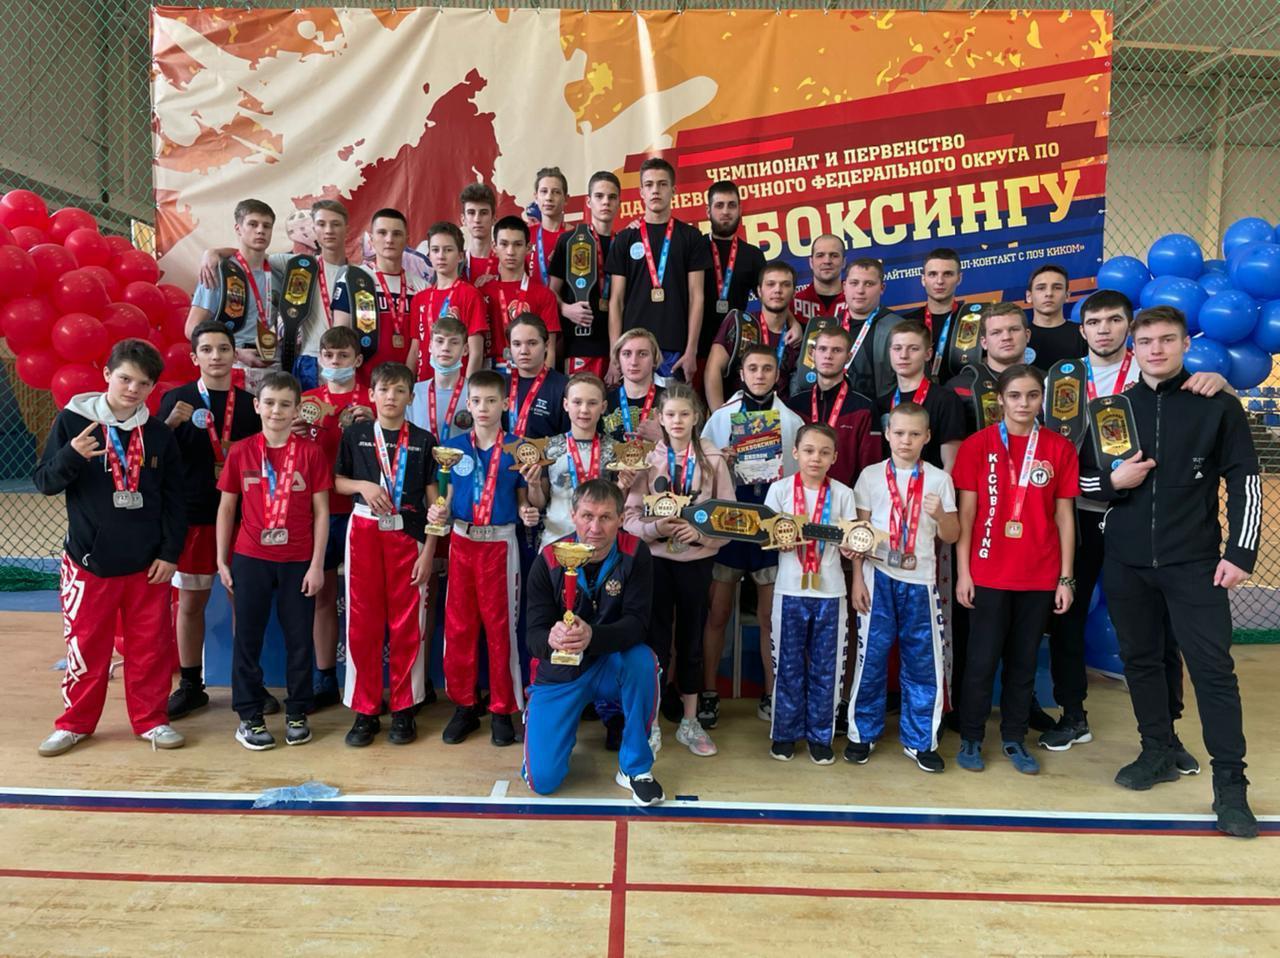 Сборная Приморья заняла первое место на чемпионате ДФО по кикбоксингу